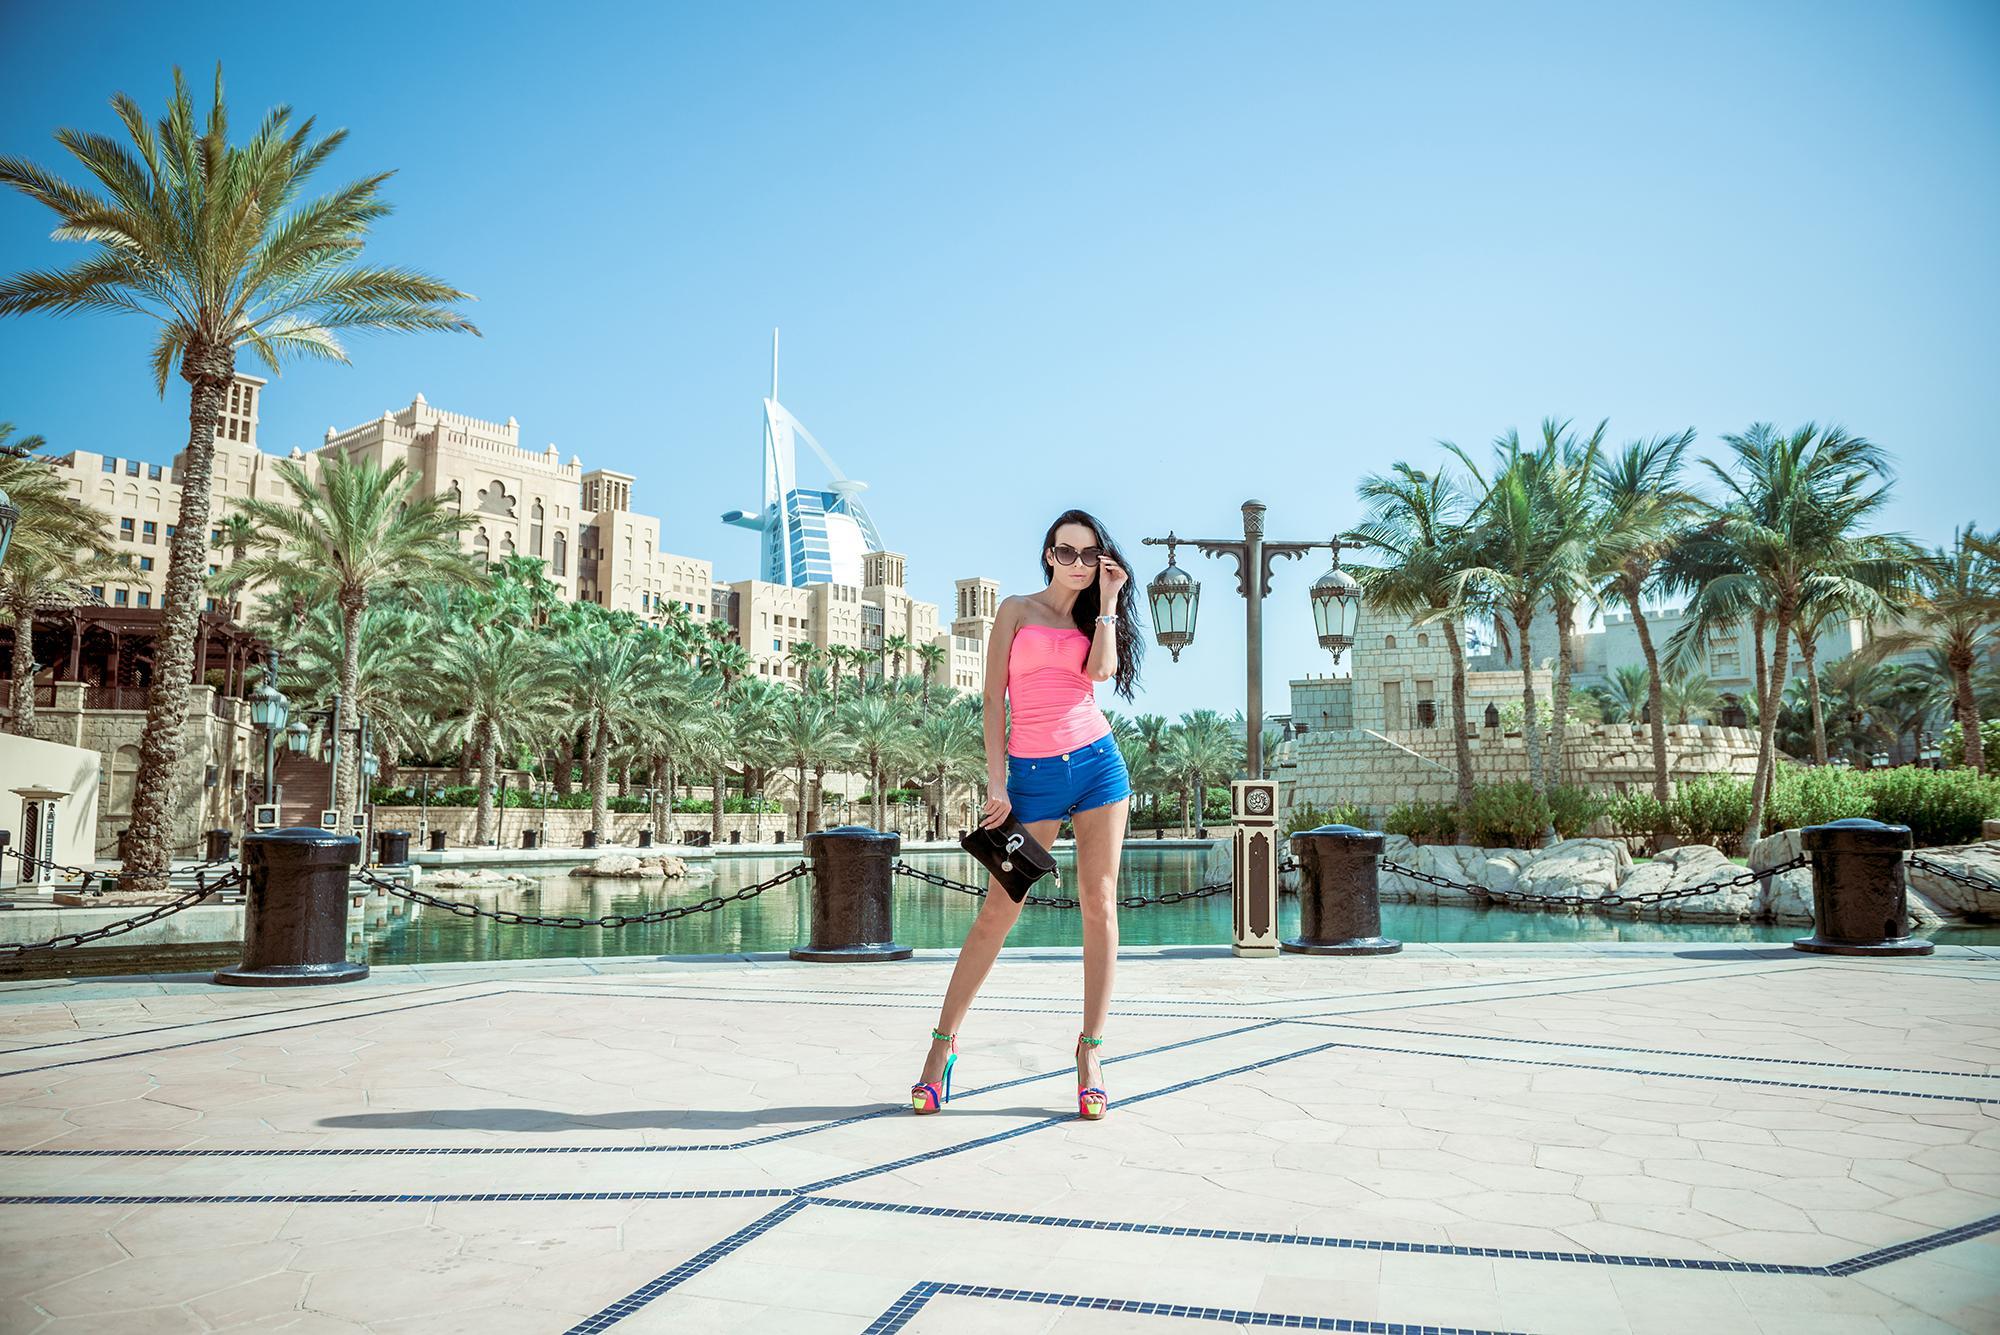 Услуги фотографа в Дубае